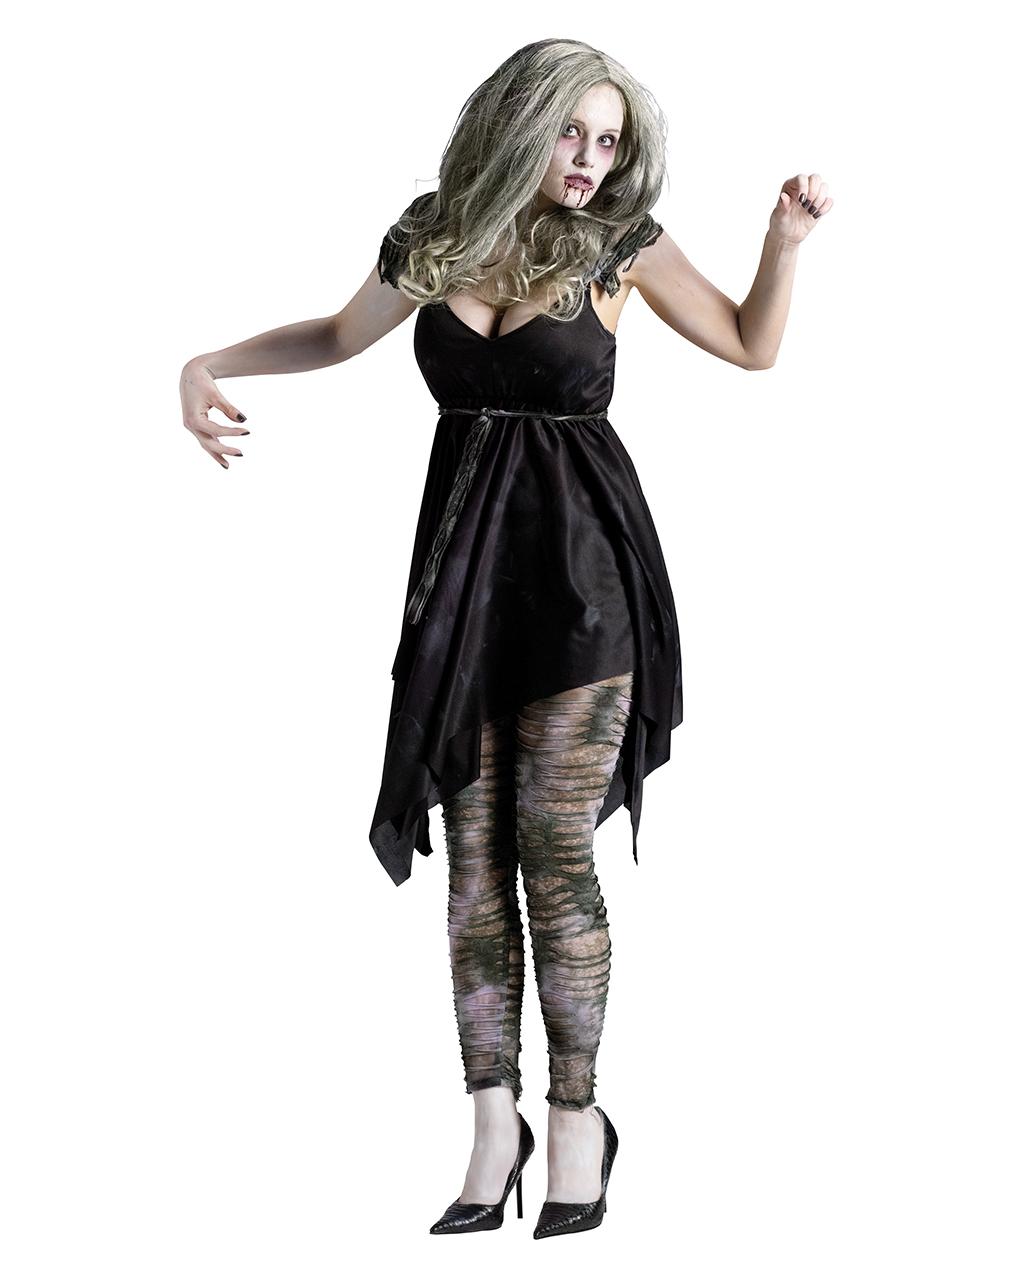 шла одежда на хэллоуин в картинках большую